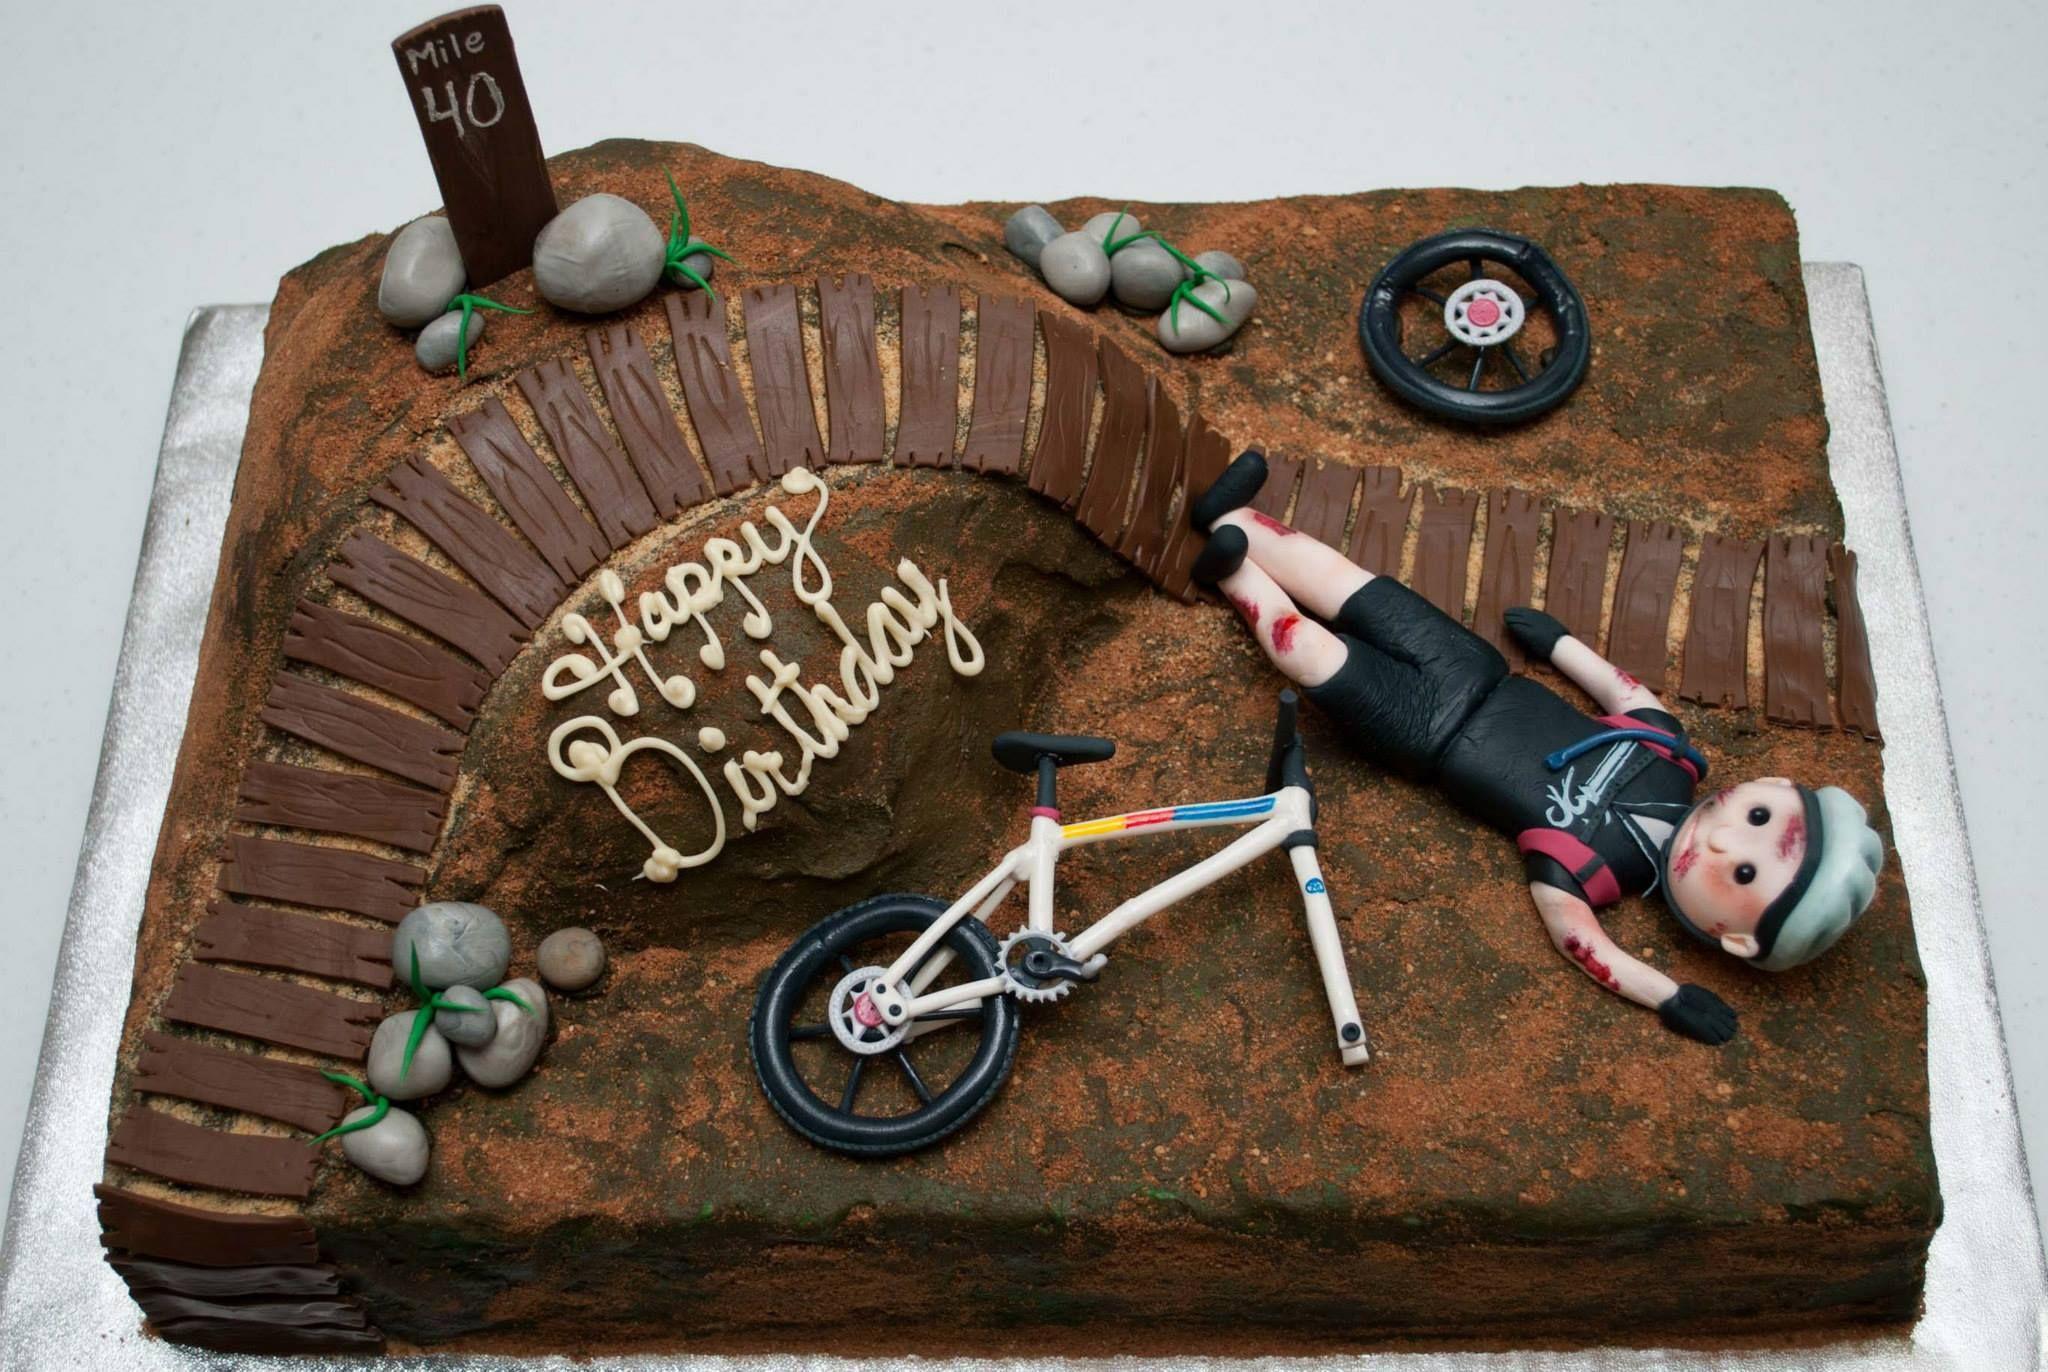 С днем рождения фото с велосипедом, сделать надписи картинках